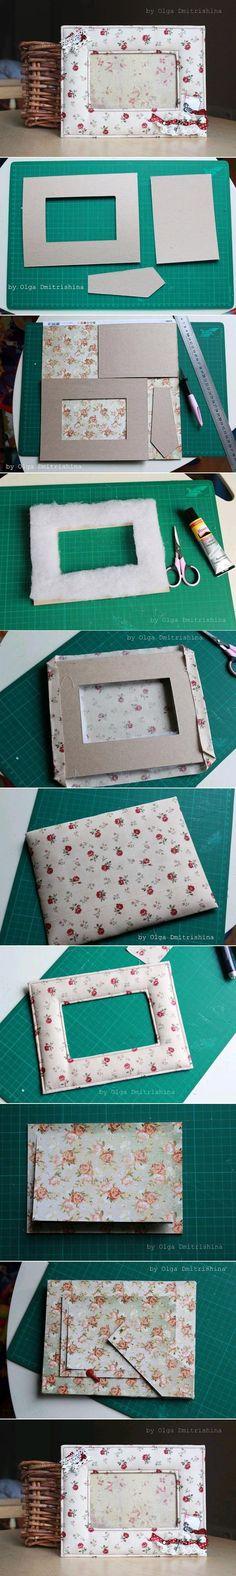 Beste DIY-Bilderrahmen und Bilderrahmen-Ideen - Nice Soft Photo Frame - How To M . Cadre Photo Diy, Diy Photo, Creative Crafts, Diy And Crafts, Decor Crafts, Diy Projects To Try, Craft Projects, Marco Diy, Fabric Crafts